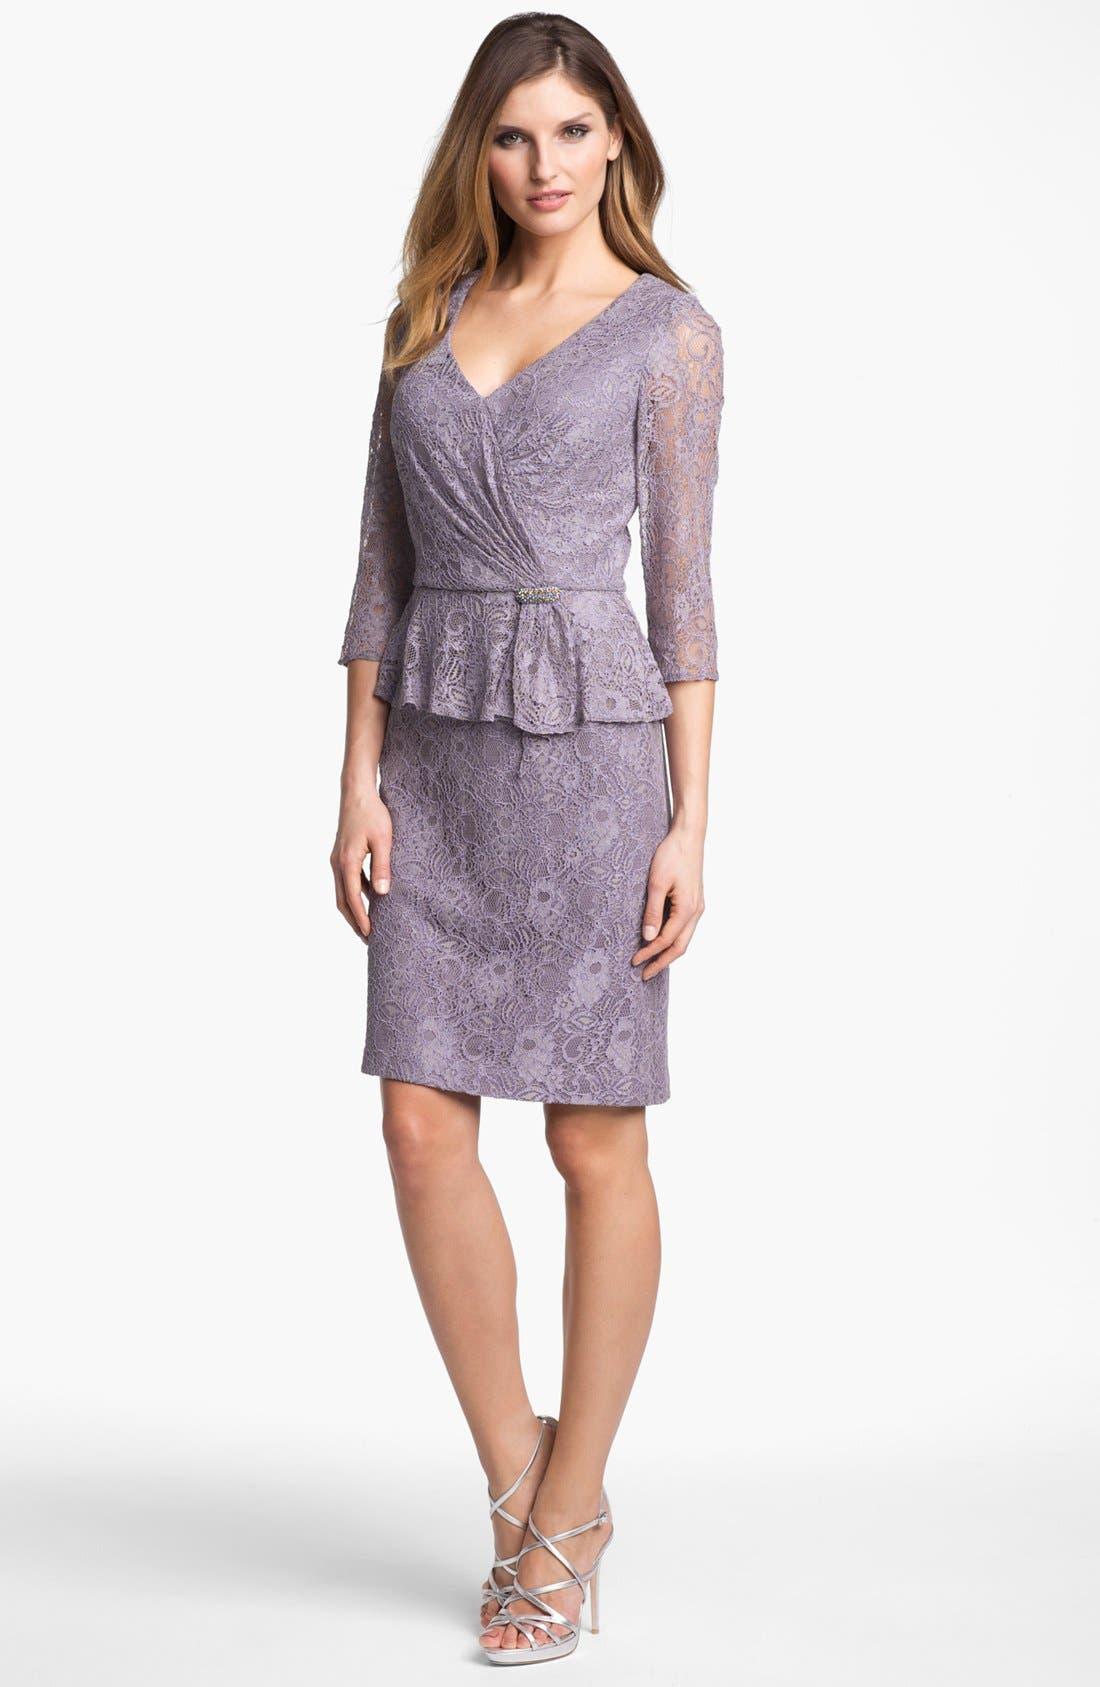 Main Image - Patra Embellished Lace Peplum Dress